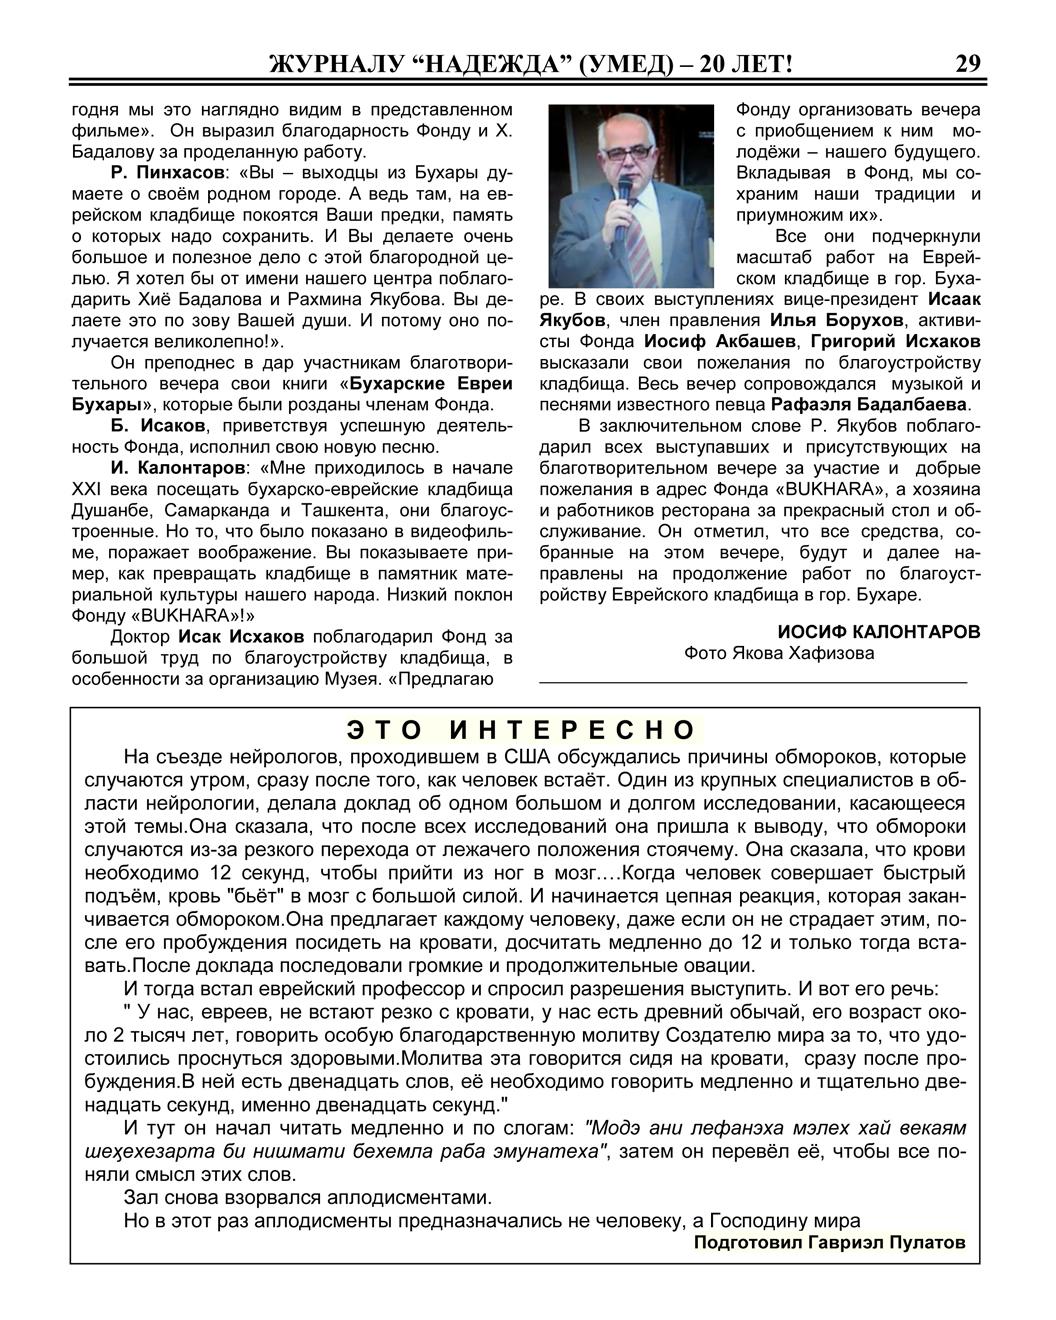 NADEZHDA - БЛАГОТВОРИТЕЛЬНЫЙ ВЕЧЕР ФОНДА «BUKHARA» CША-2